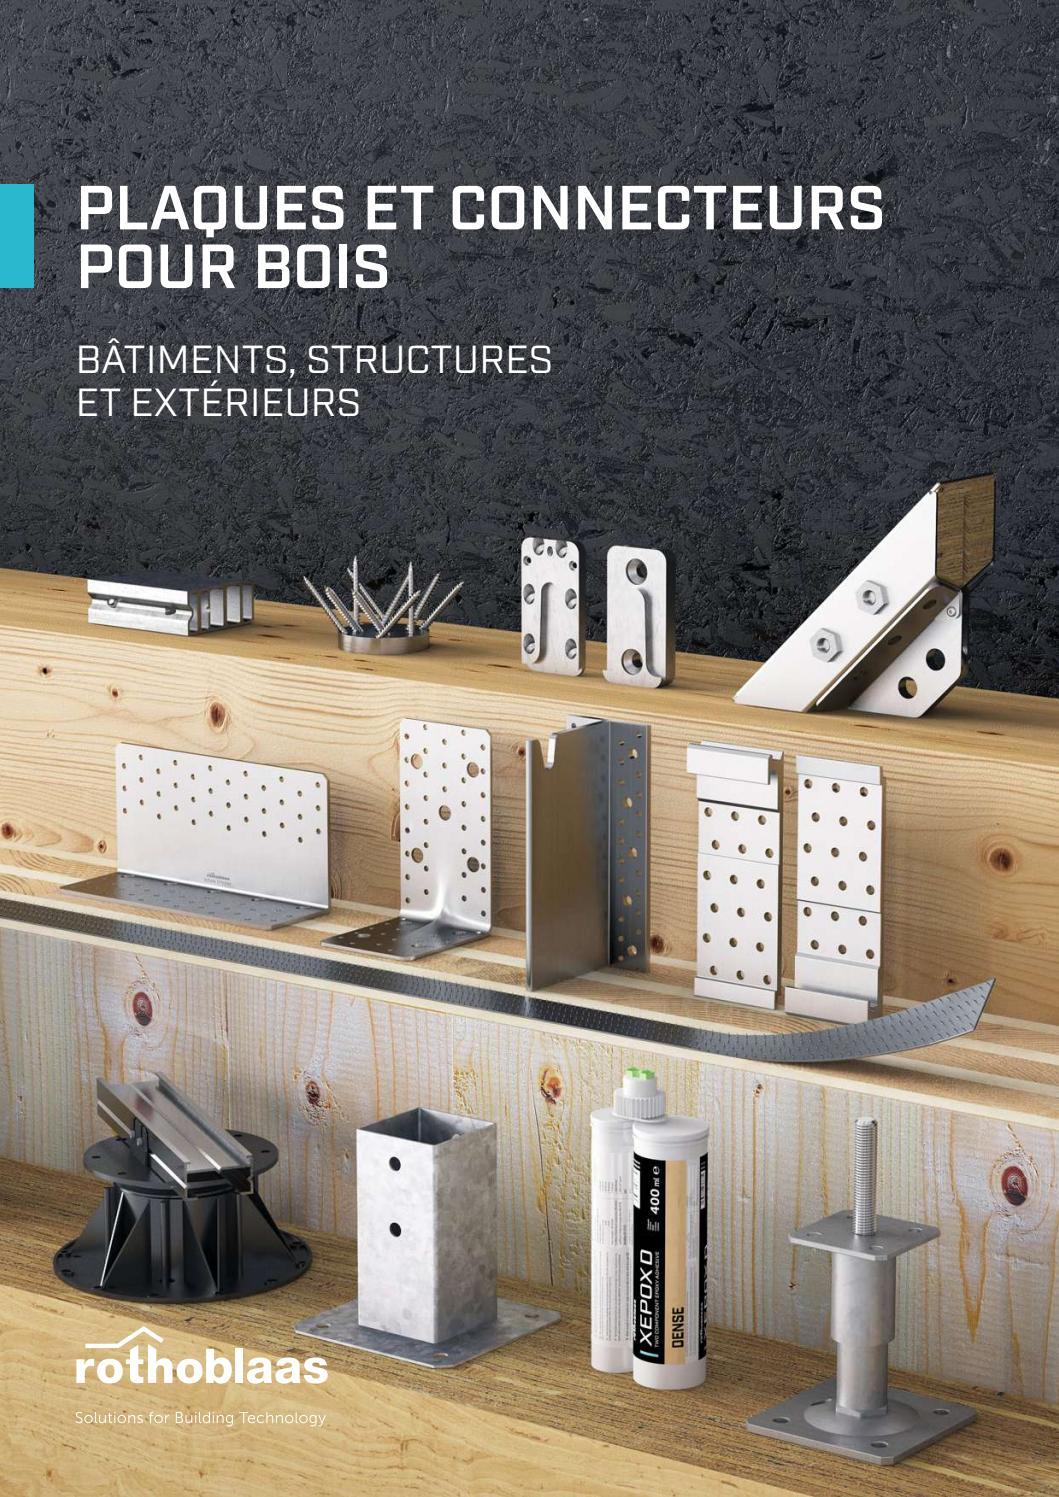 connecteurs pour bois by rothoblaas